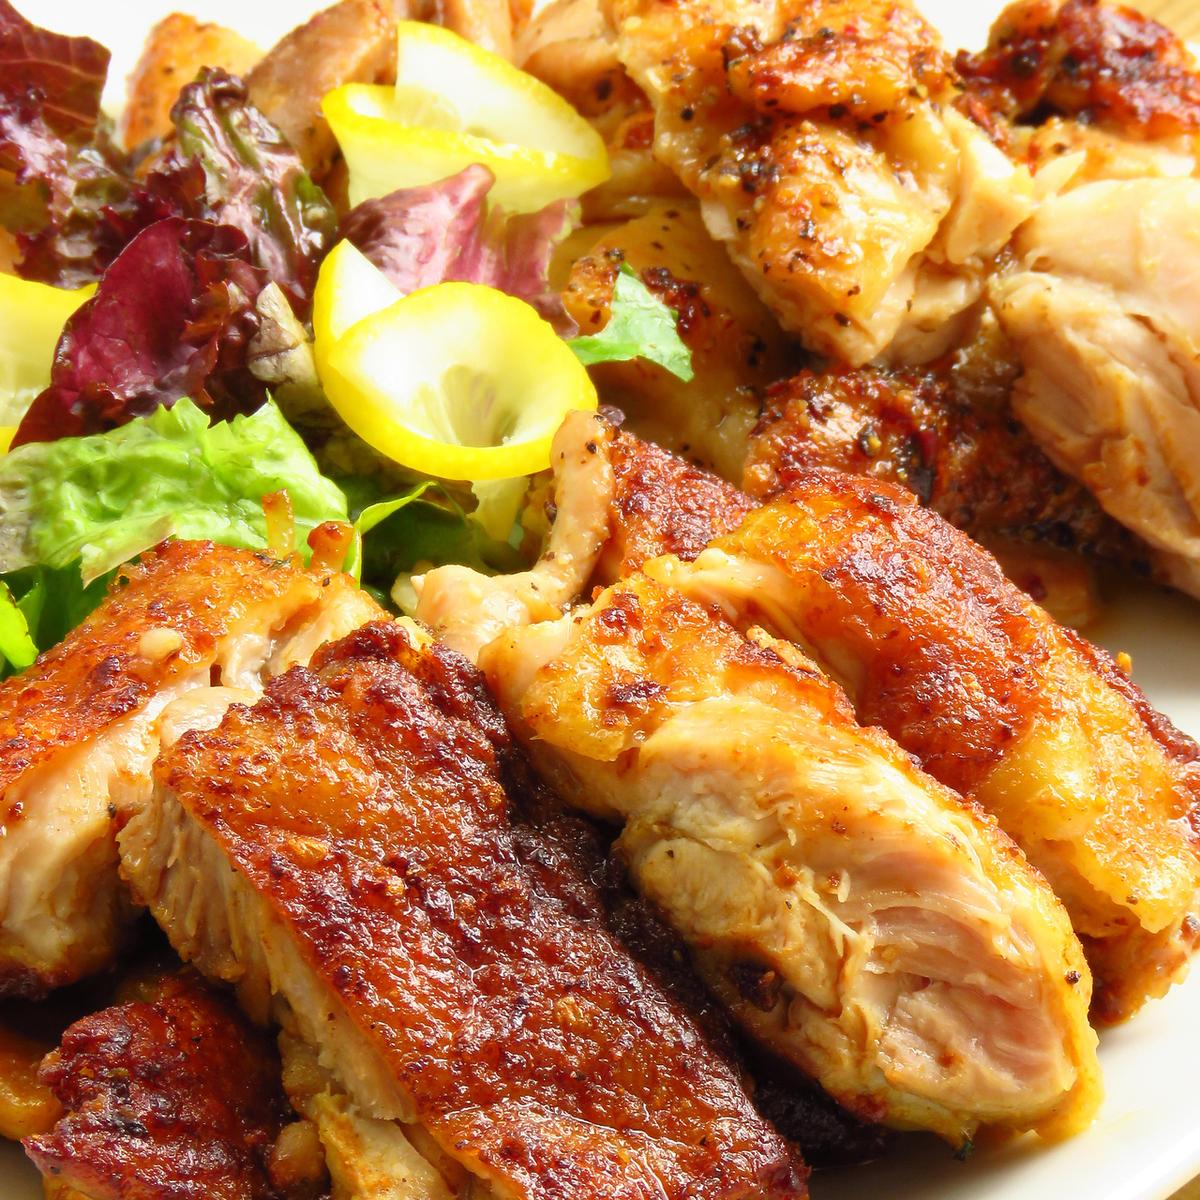 Chicken peach meat variety